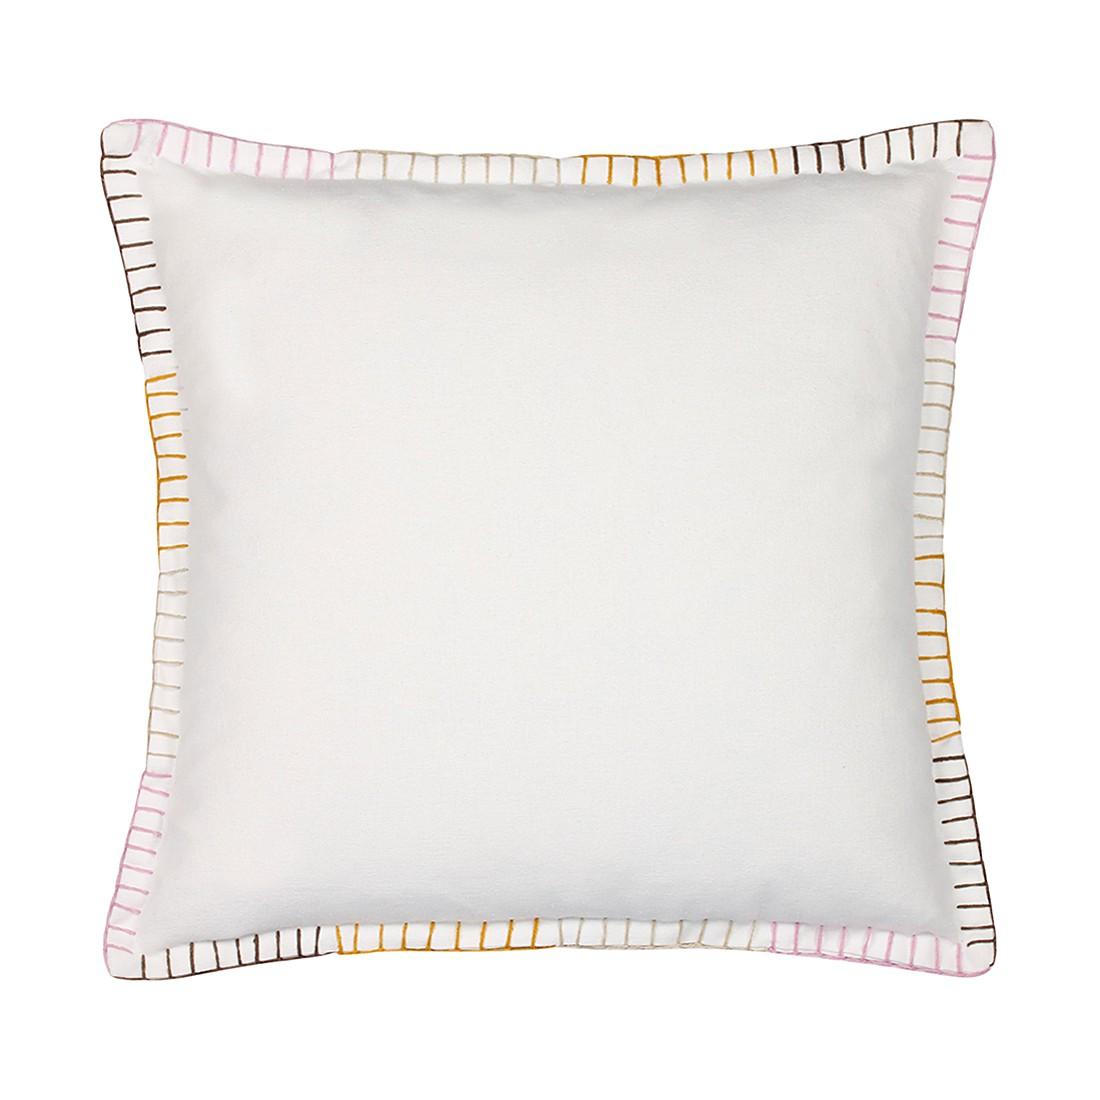 Kissen Papeete – 50 X 50 cm, Pink, Baumwolle – Kissenhülle, ohne Füllung, Dutch Decor günstig bestellen